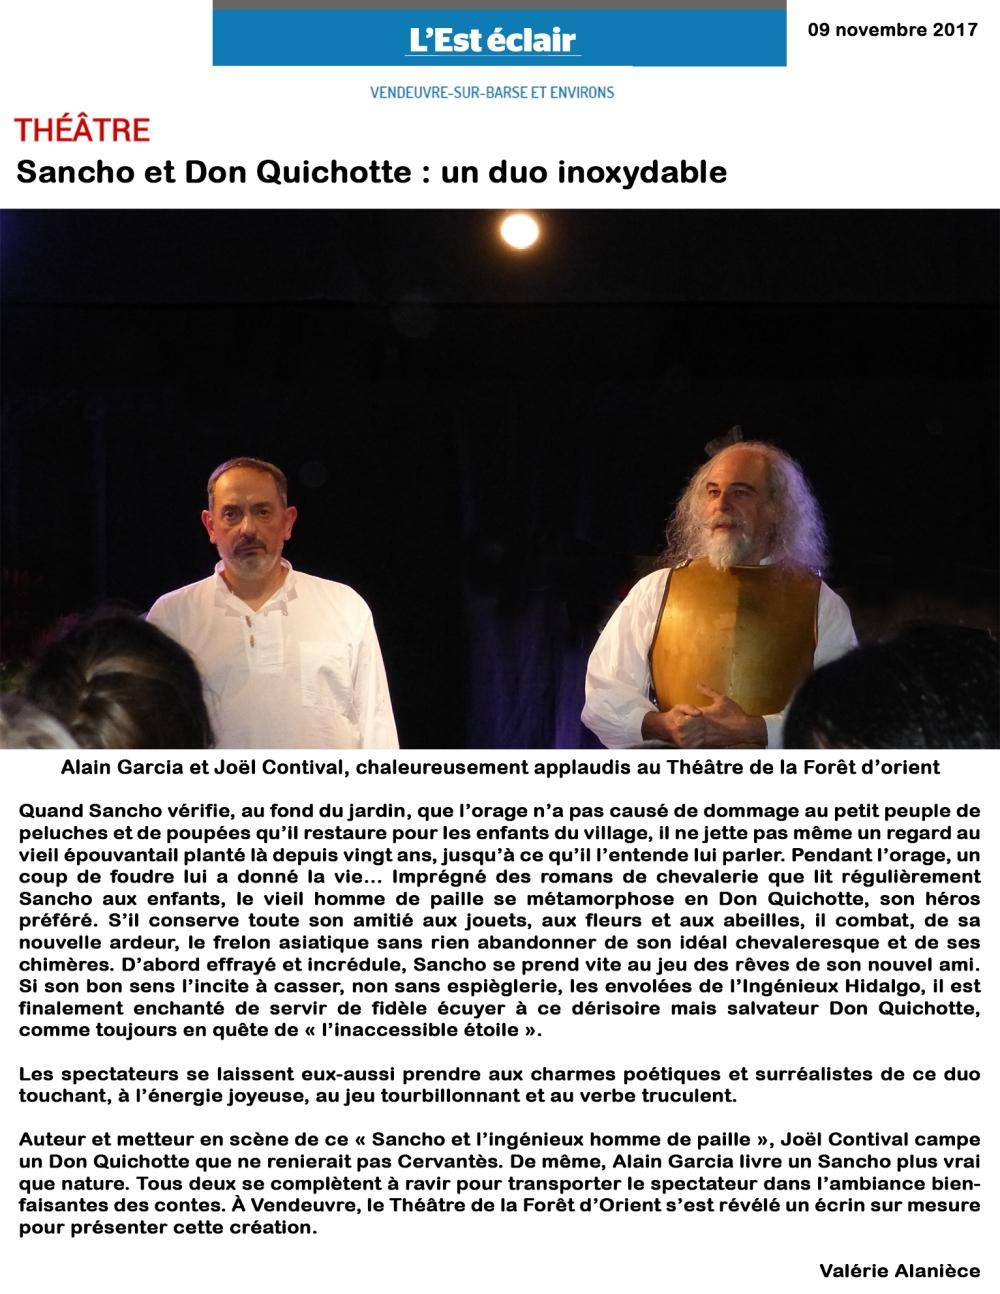 article-est-eclair-sancho-ingenieux-homme-de-paille-contival-TFO-11-2017